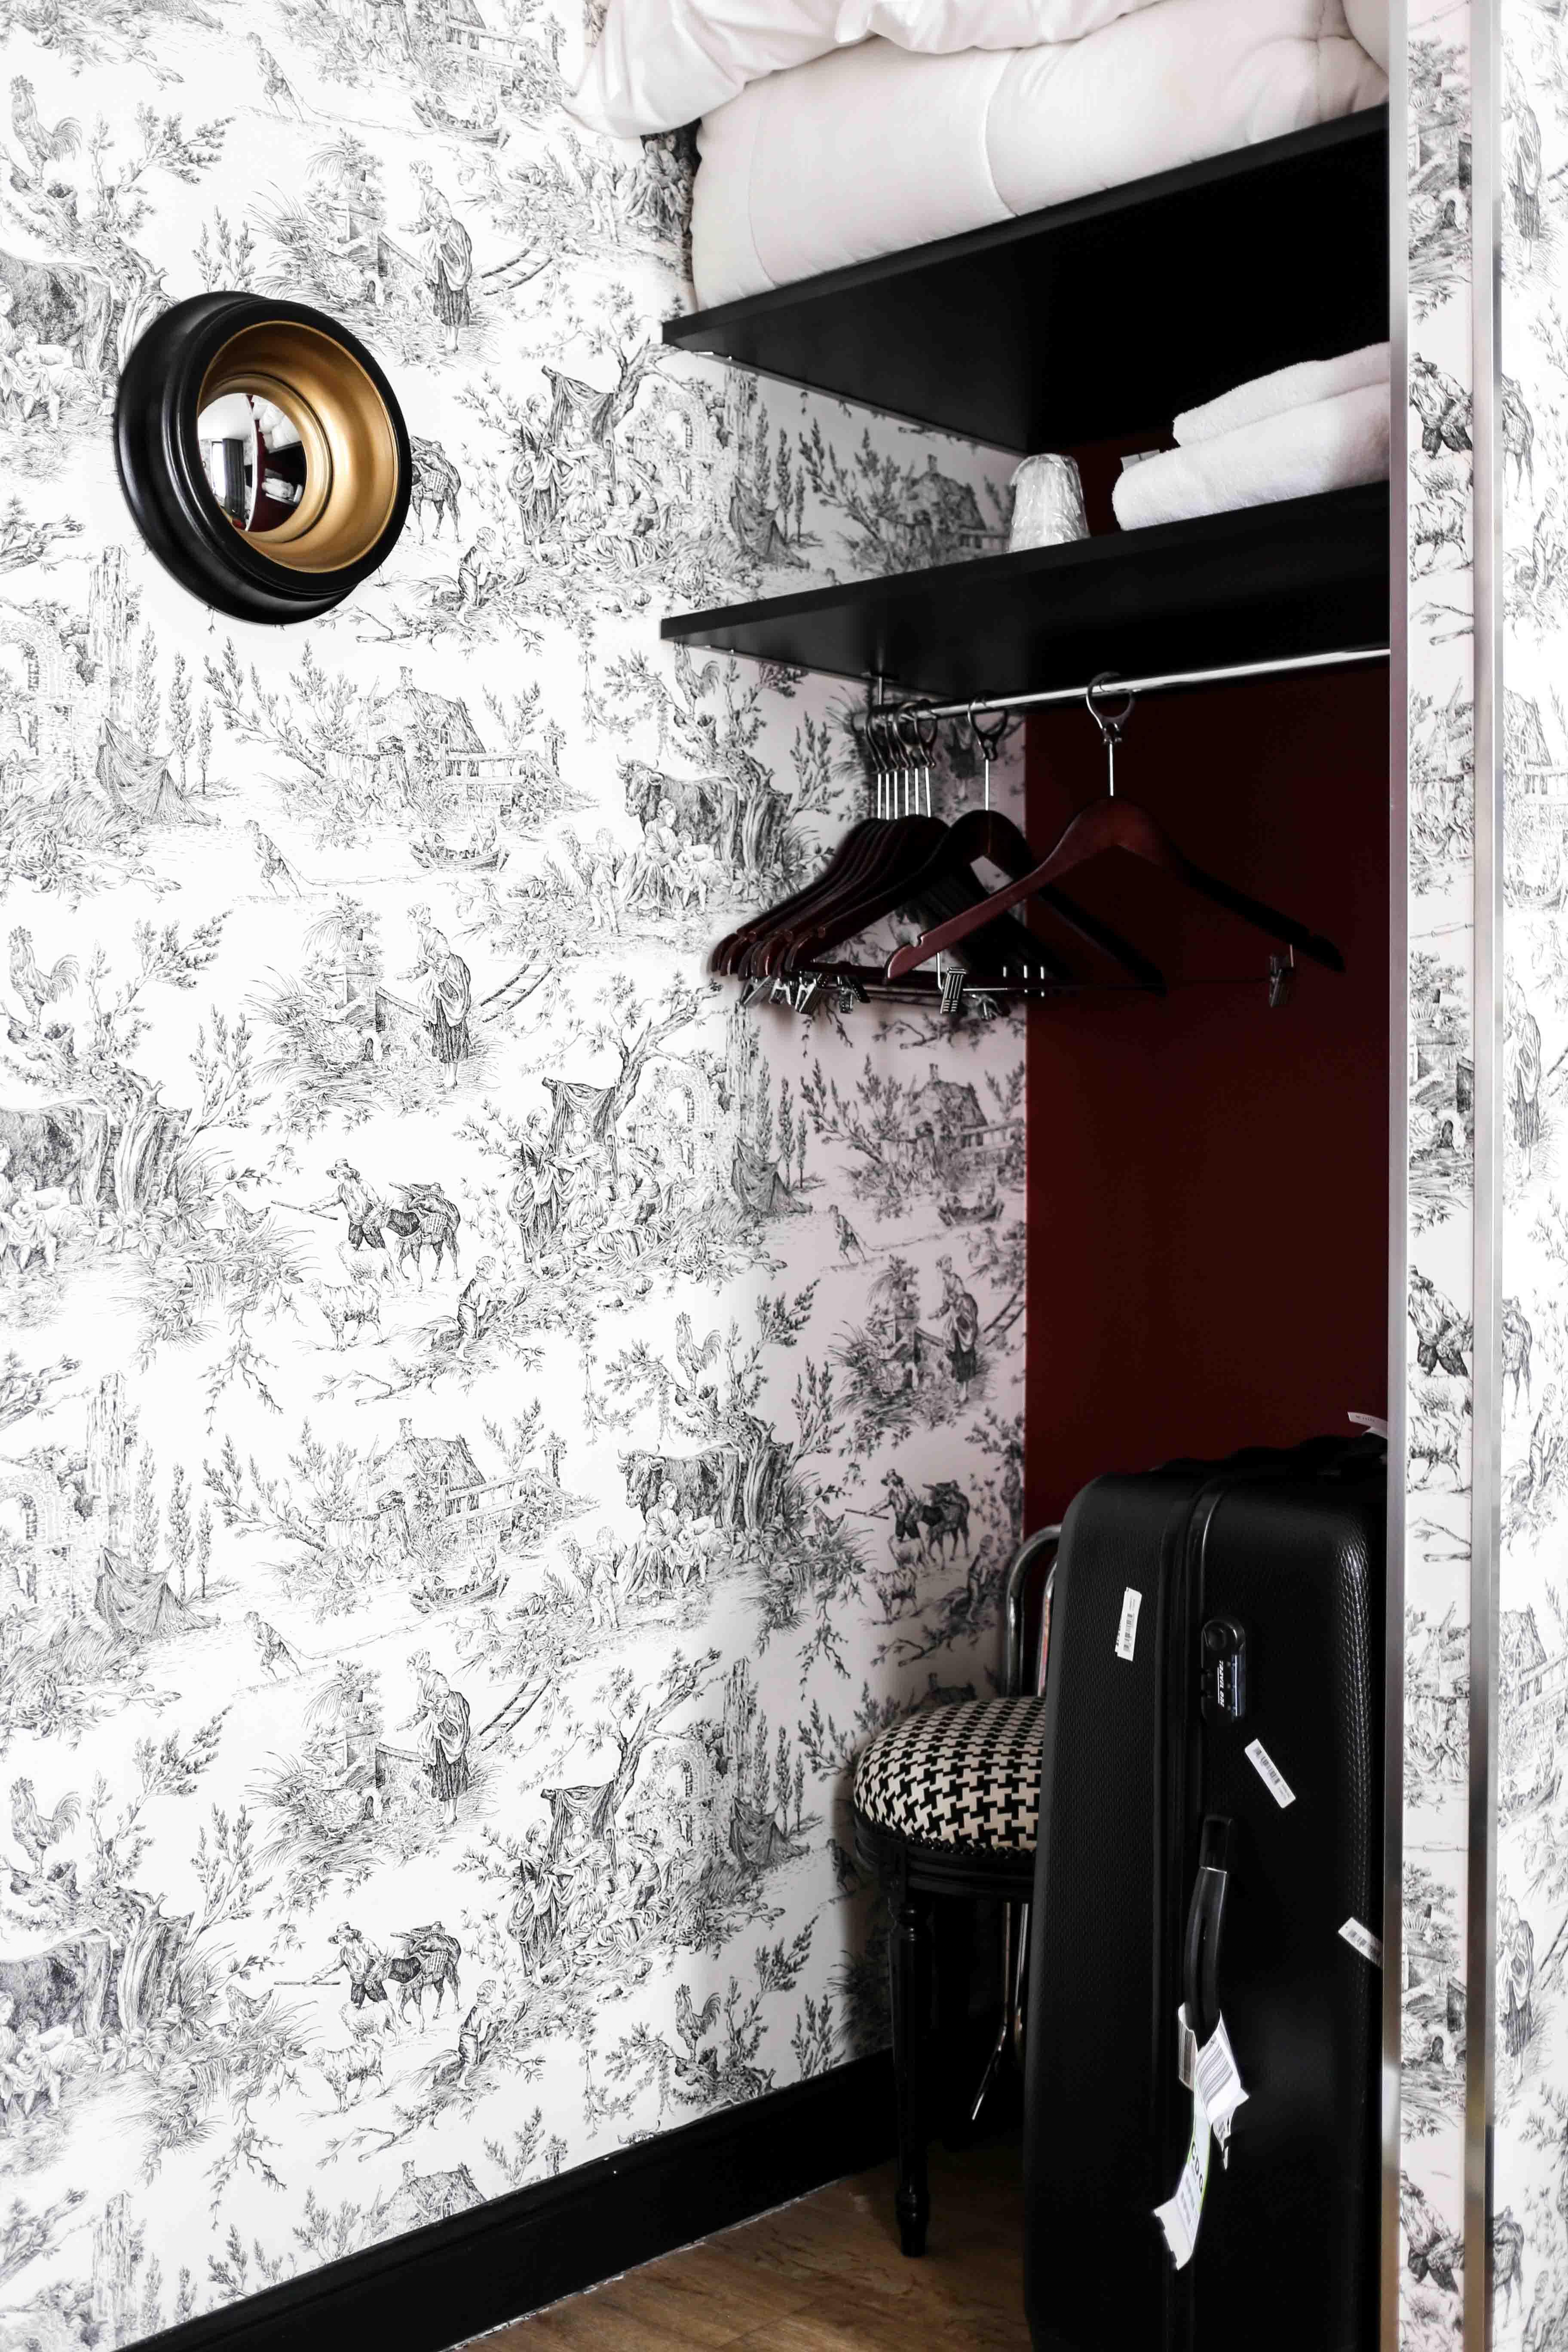 hotel-sacha-happy-culture-montmartre-paris-3-sterne-empfehlung-review-reiseblog-travelblog-blogger_1375